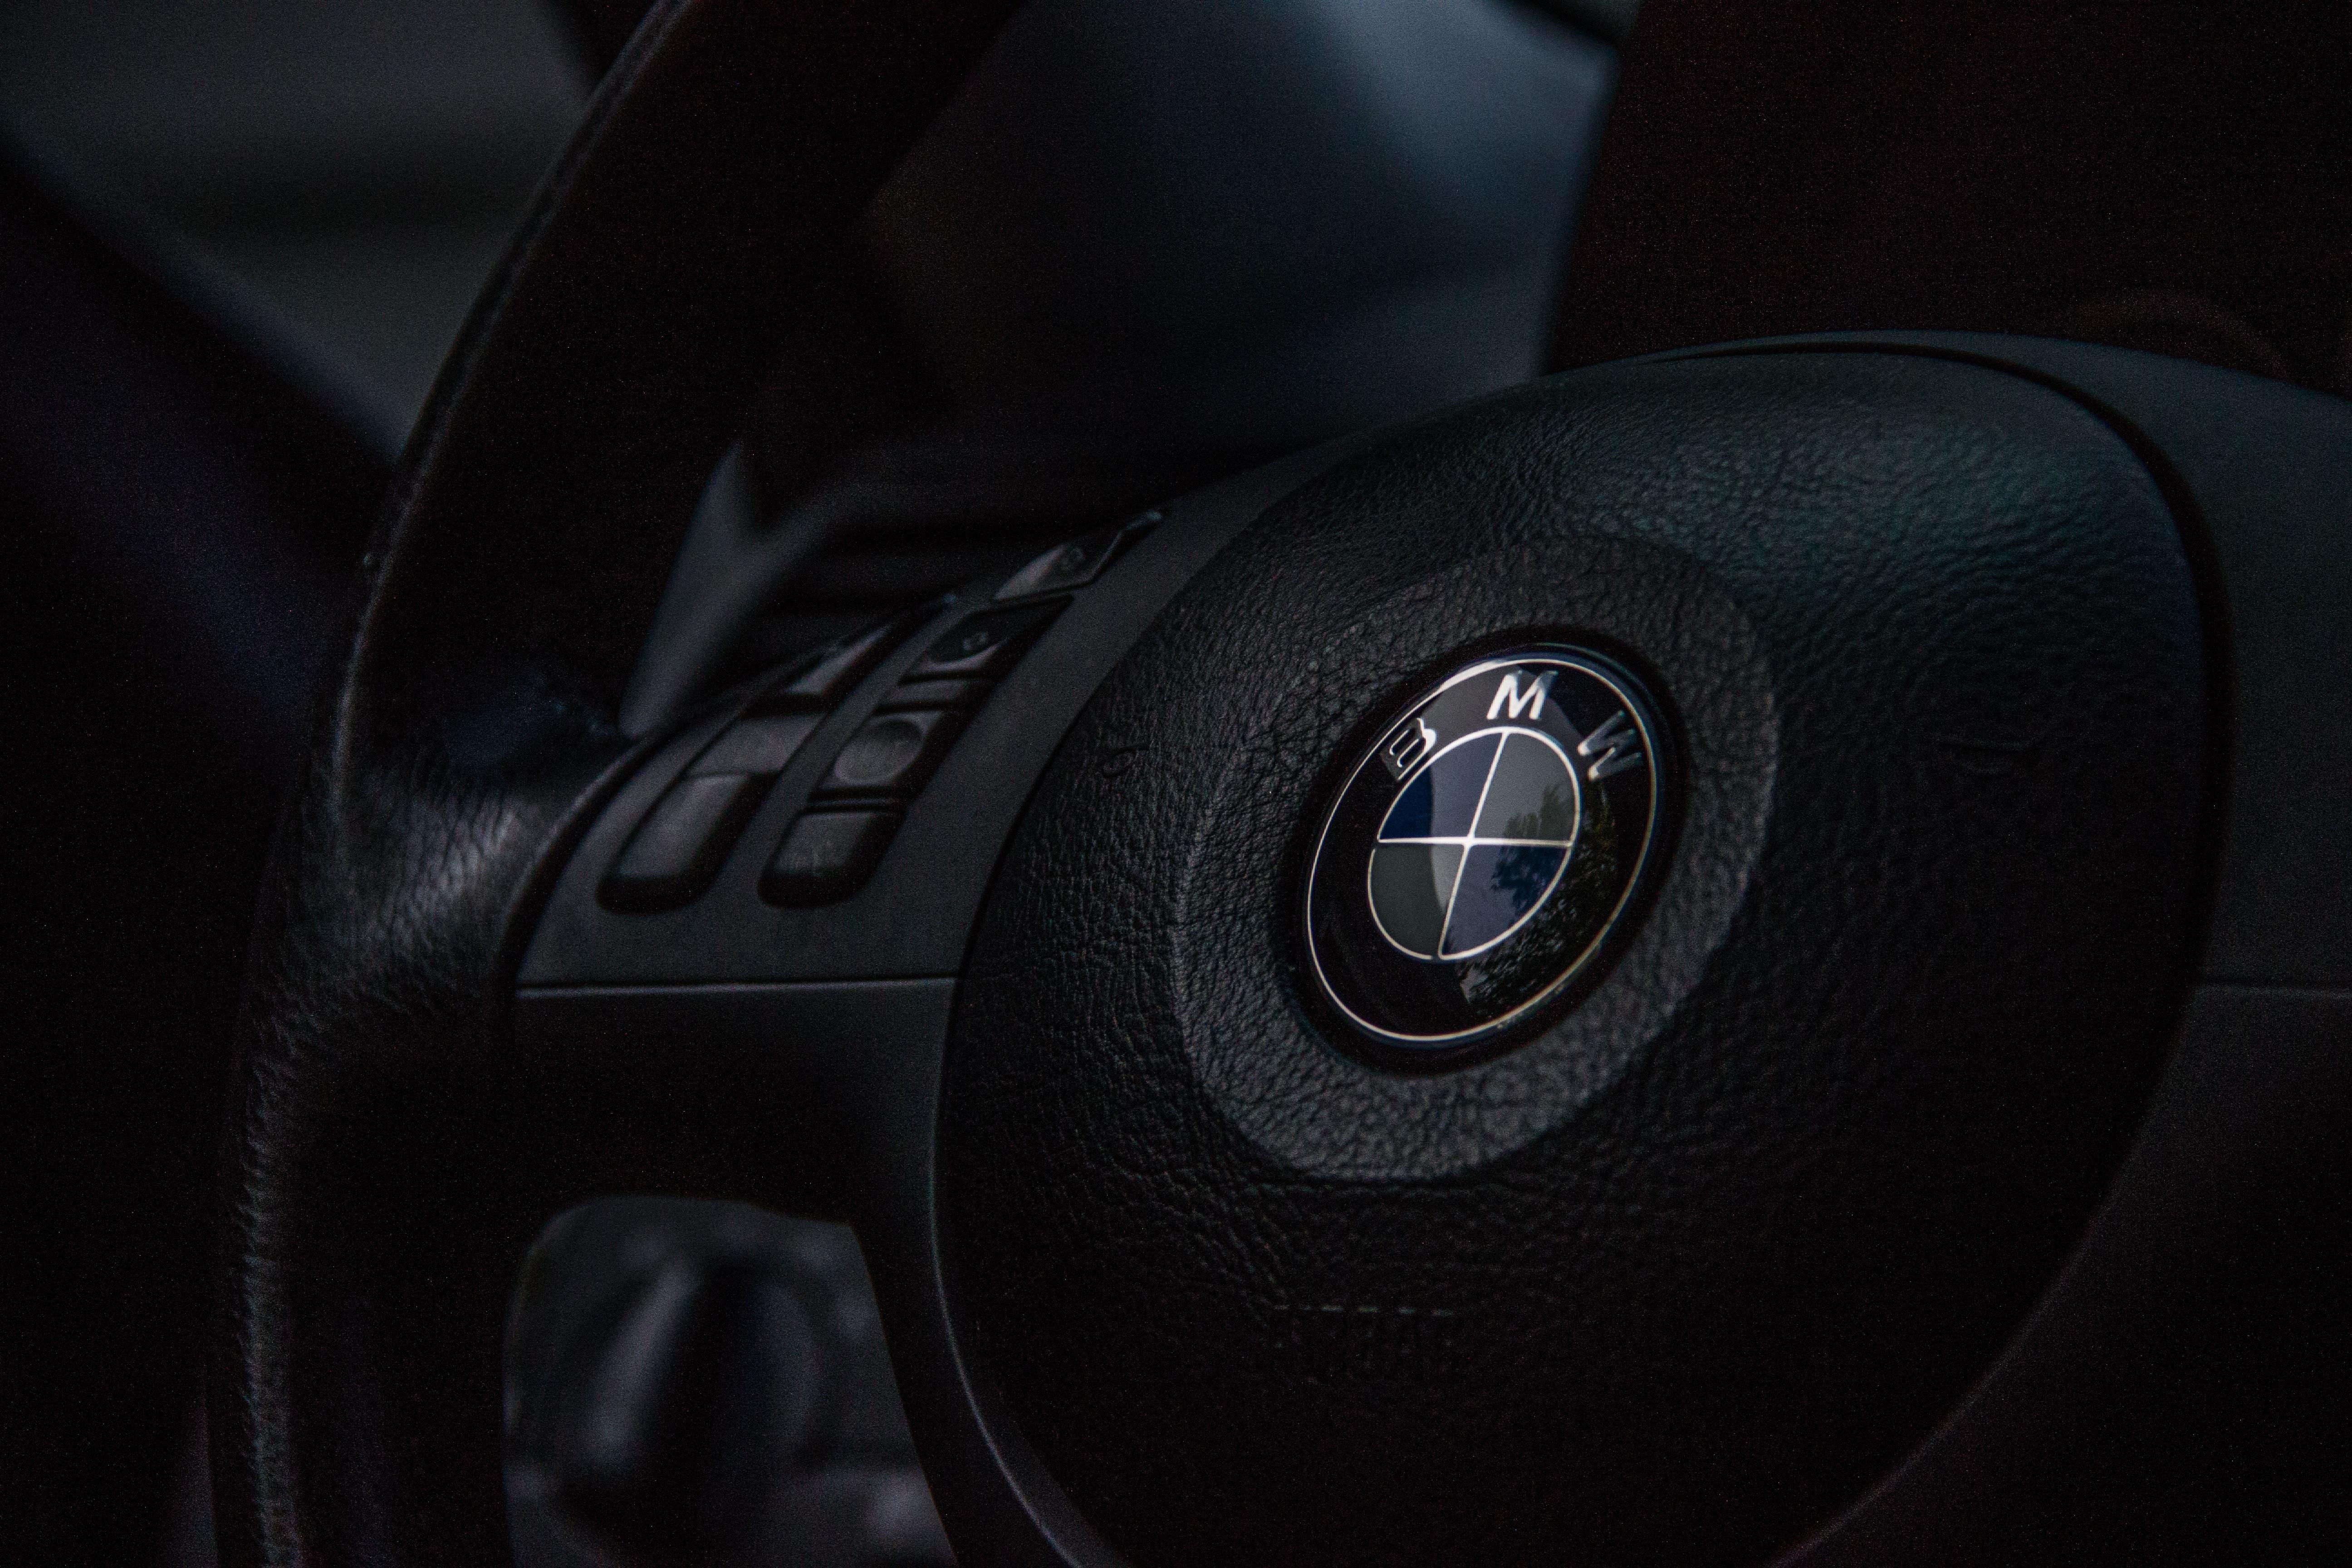 92935 скачать обои Тачки (Cars), Бмв (Bmw), Руль, Логотип - заставки и картинки бесплатно